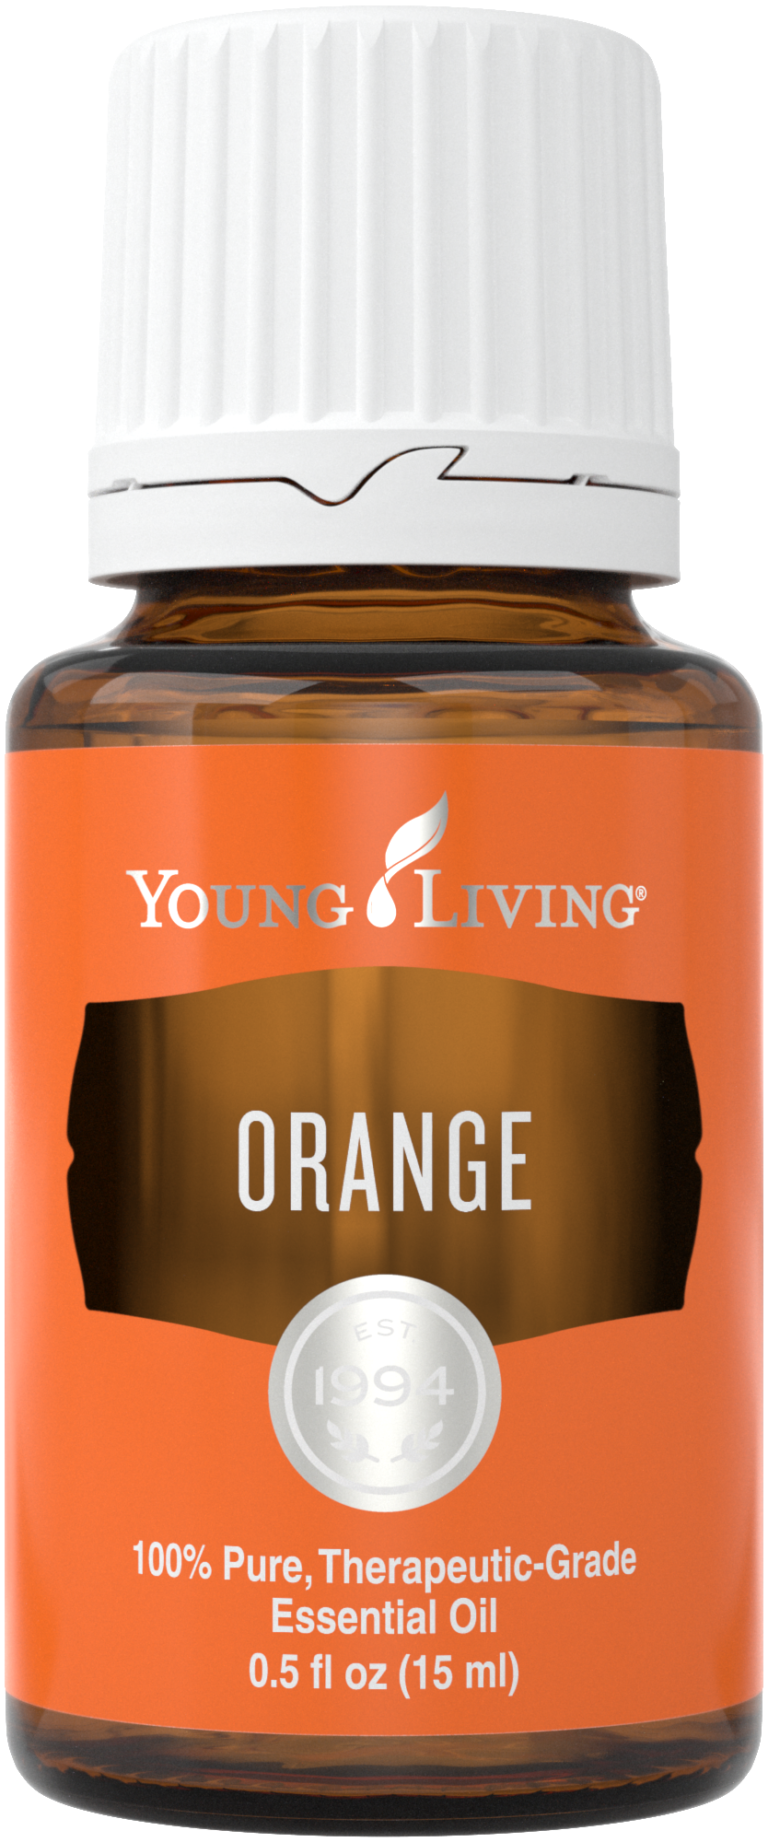 orange_15ml_silo_us_2016_24159552169_o